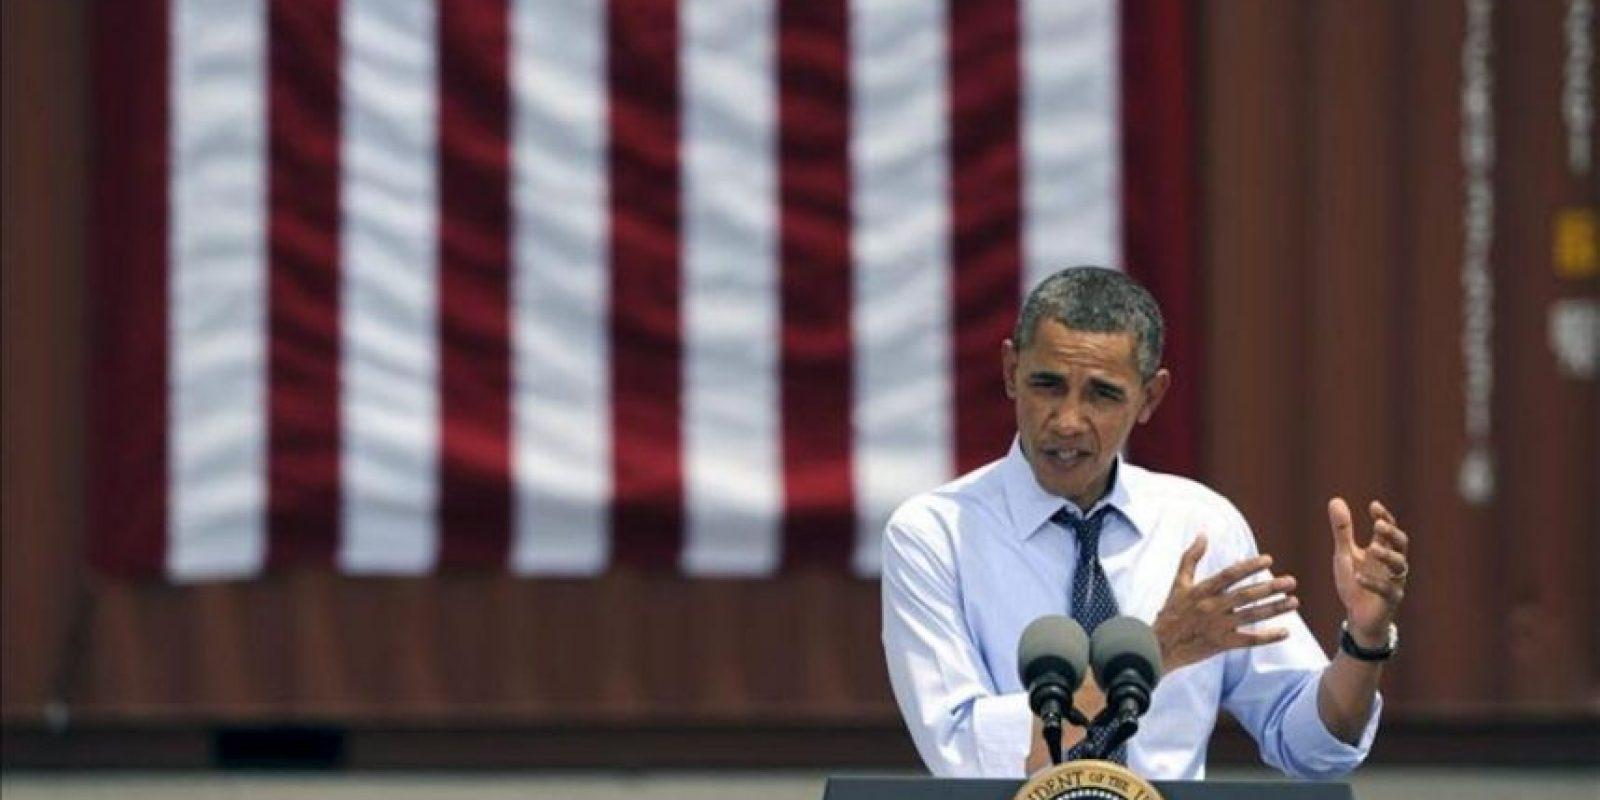 El presidente de Estados Unidos, Barack Obama, pronuncia un discurso para hablar de la importancia de las relaciones comerciales con Latinoamérica en el puerto de Tampa, Florida (USA), este 13 de abril. EFE